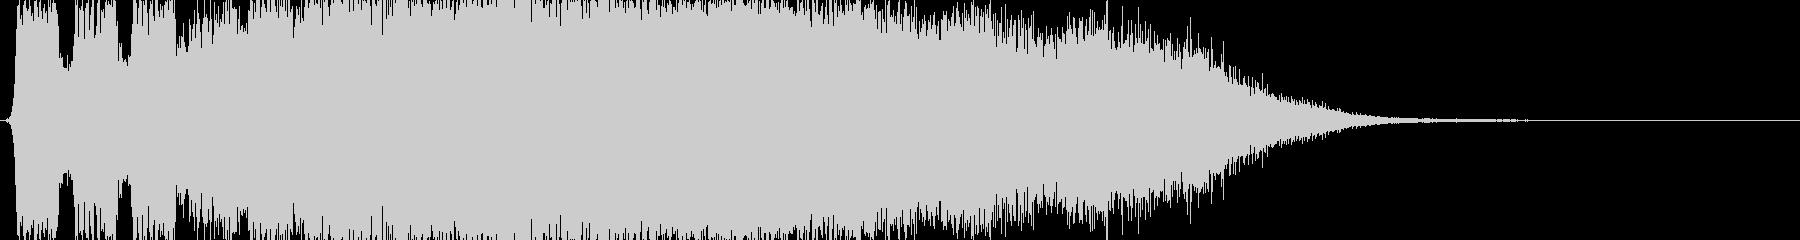 マルチウィープバージョン1の未再生の波形